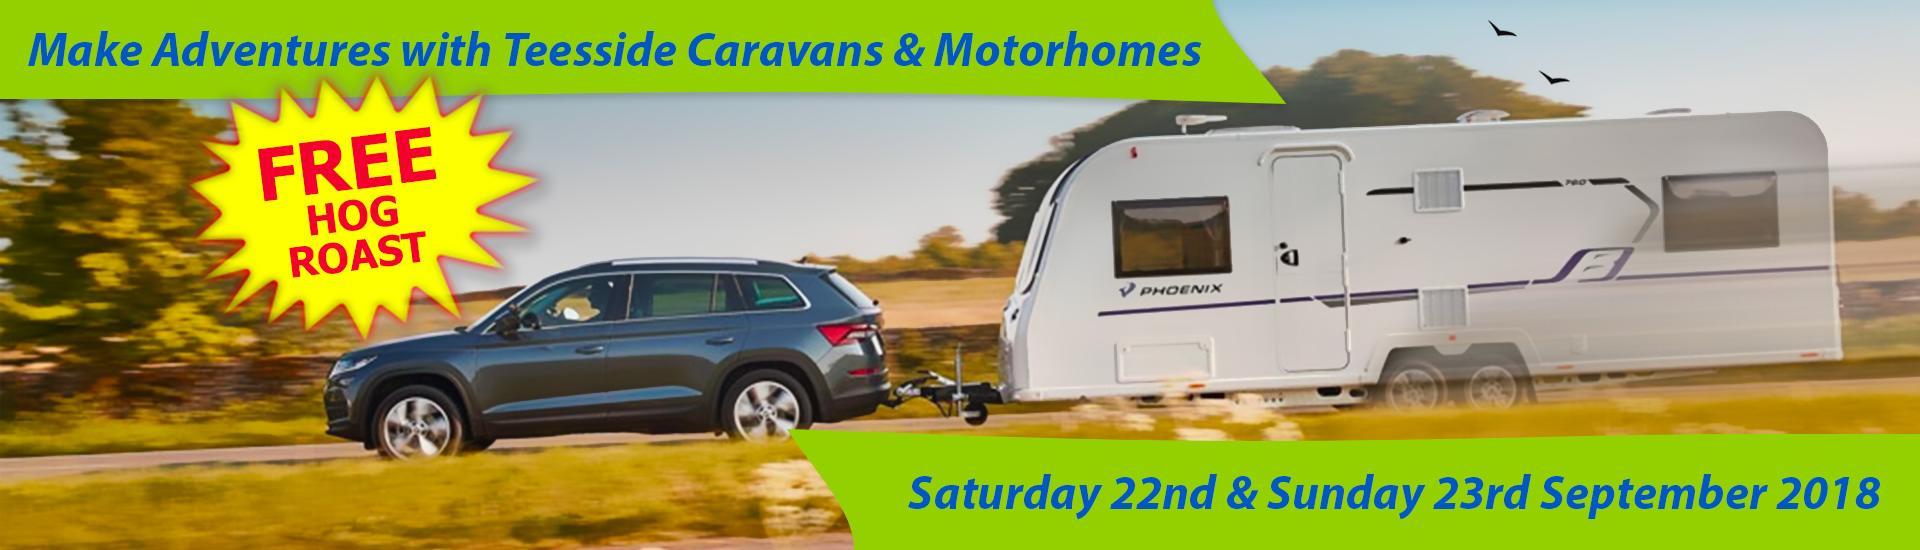 Adventures with Teesside Caravans